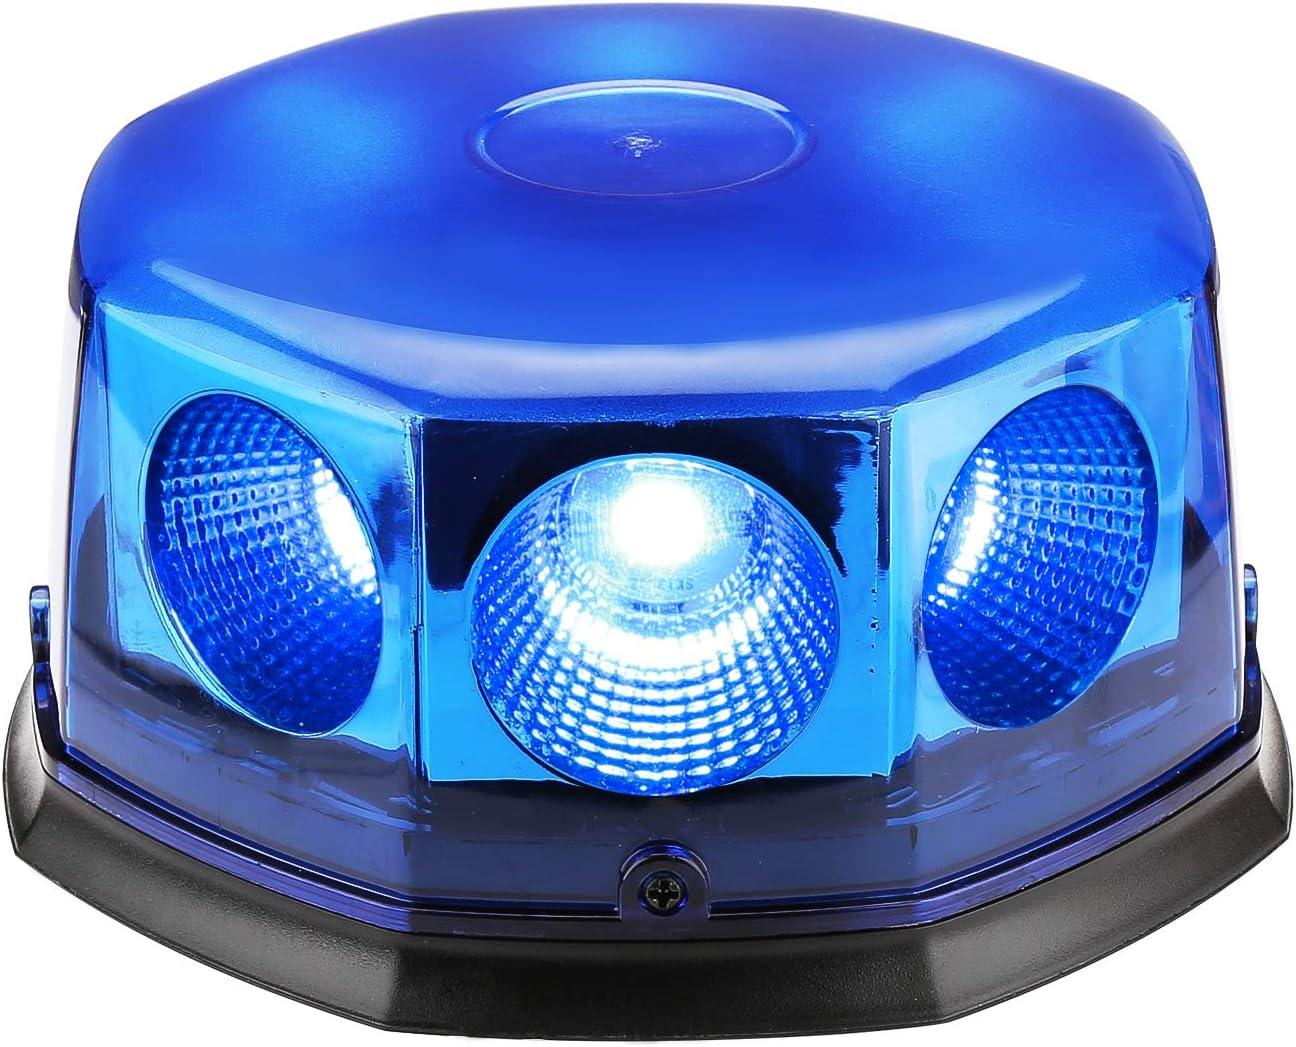 Appow 40 W COB LED Luces de luz Estroboscópica con Base magnética para Coche Barco Techo, 12 – 24 V, 14 Patrones de Parpadeo (Azul)